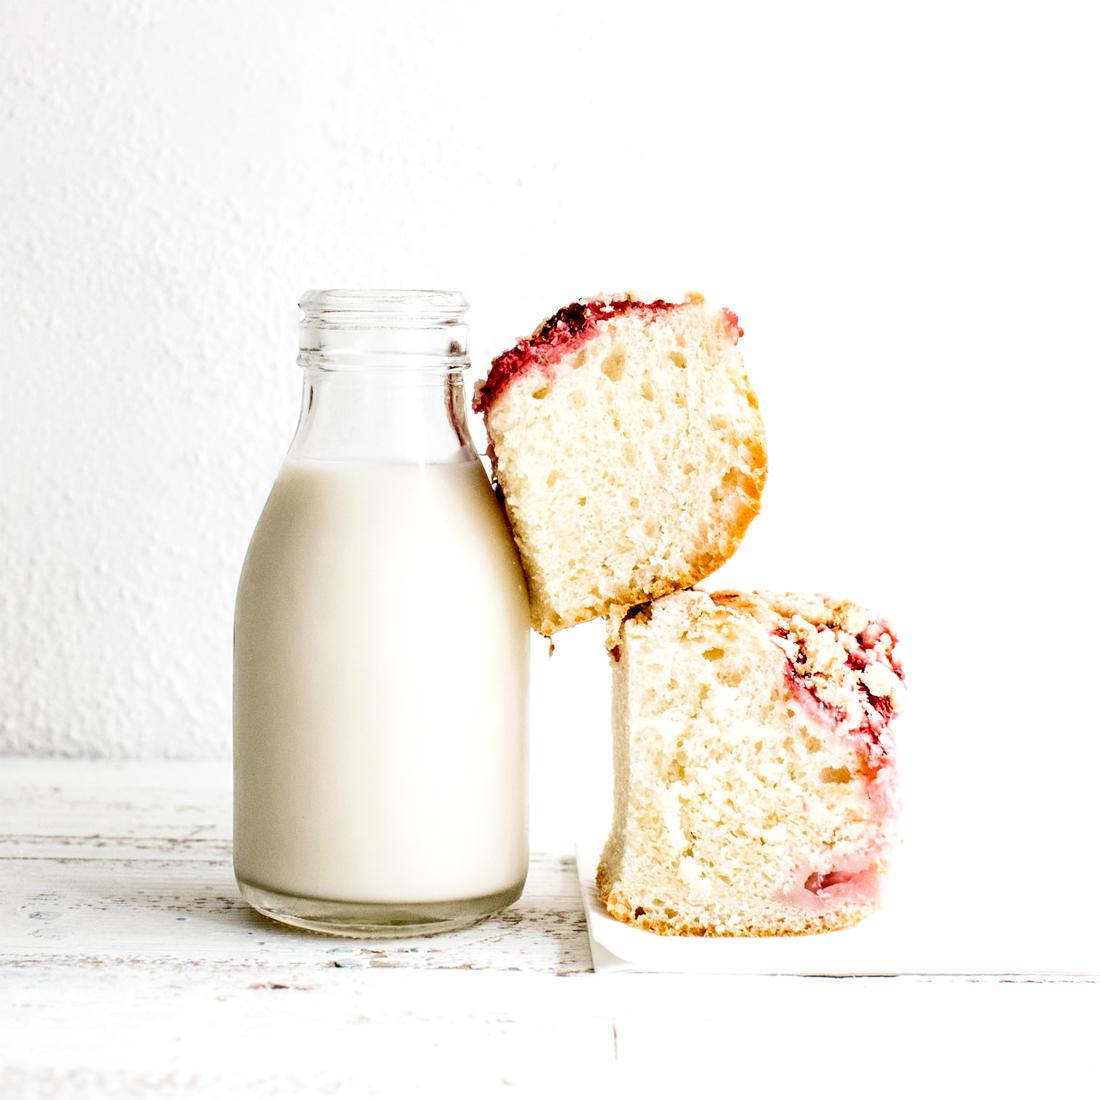 productos sin gluten y veganos-redaccion-contenidos-salud-fitness-katherine-rodriguez